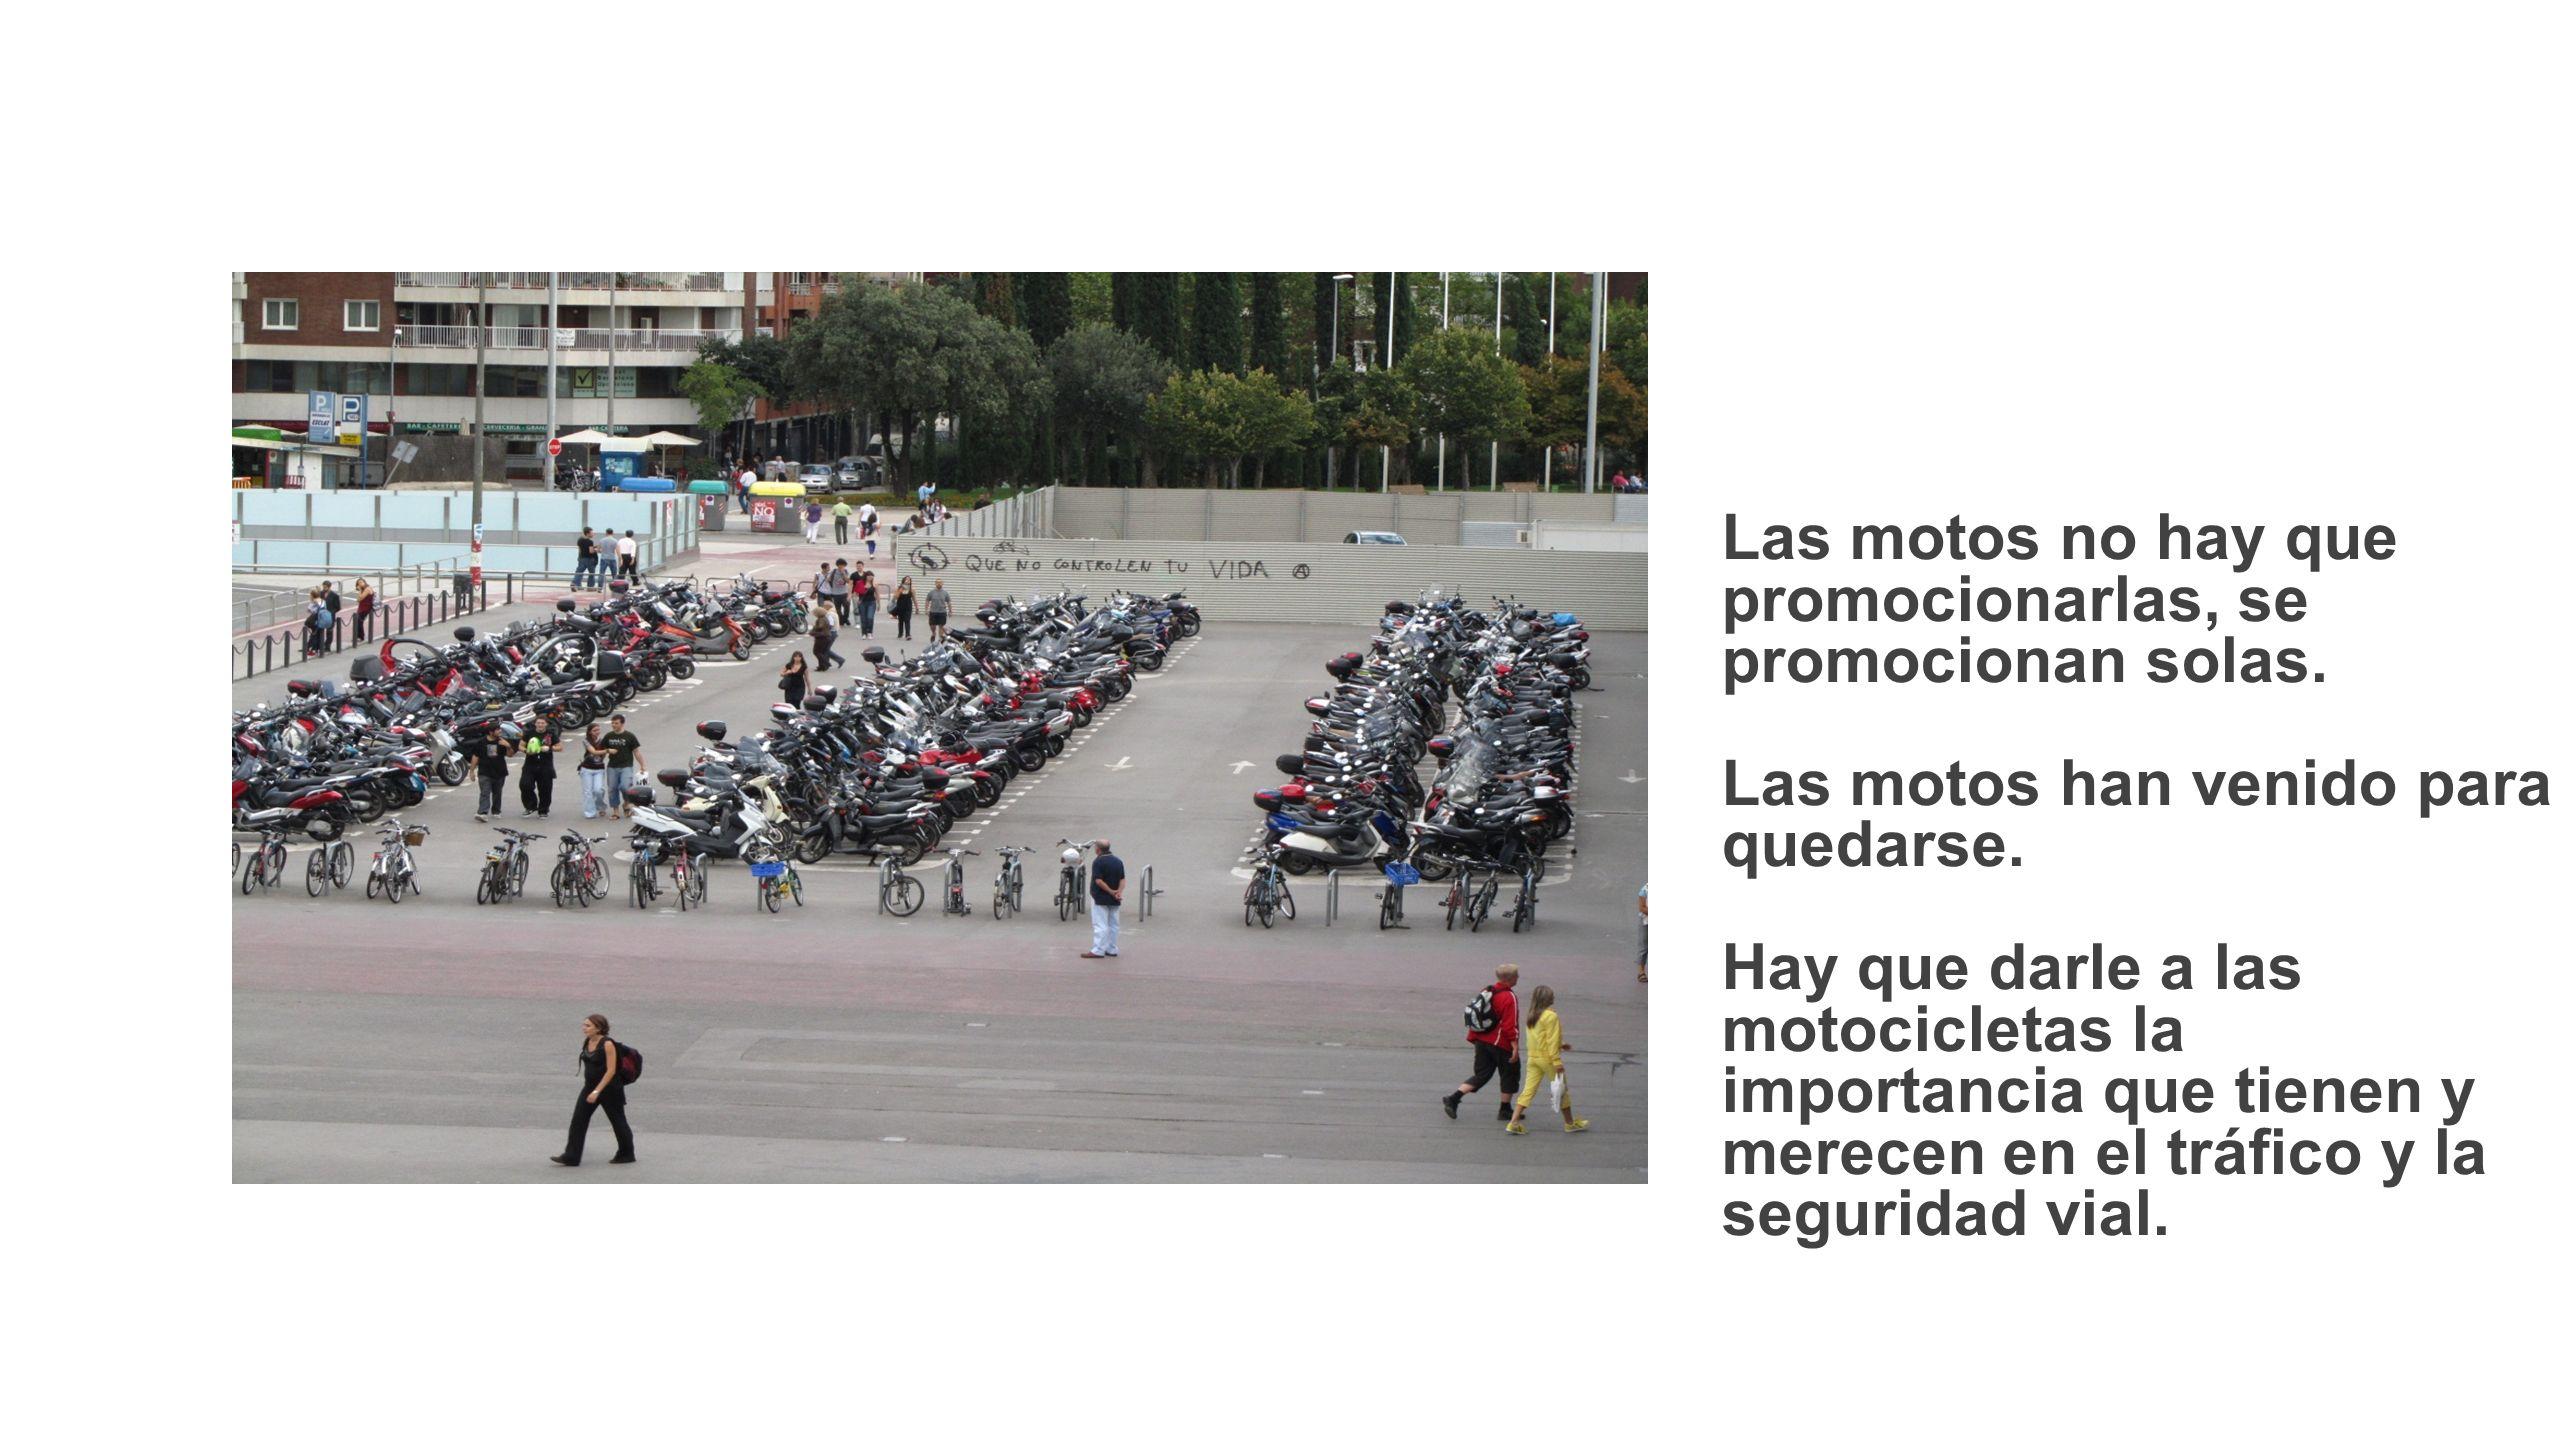 Las motos no hay que promocionarlas, se promocionan solas. Las motos han venido para quedarse. Hay que darle a las motocicletas la importancia que tie